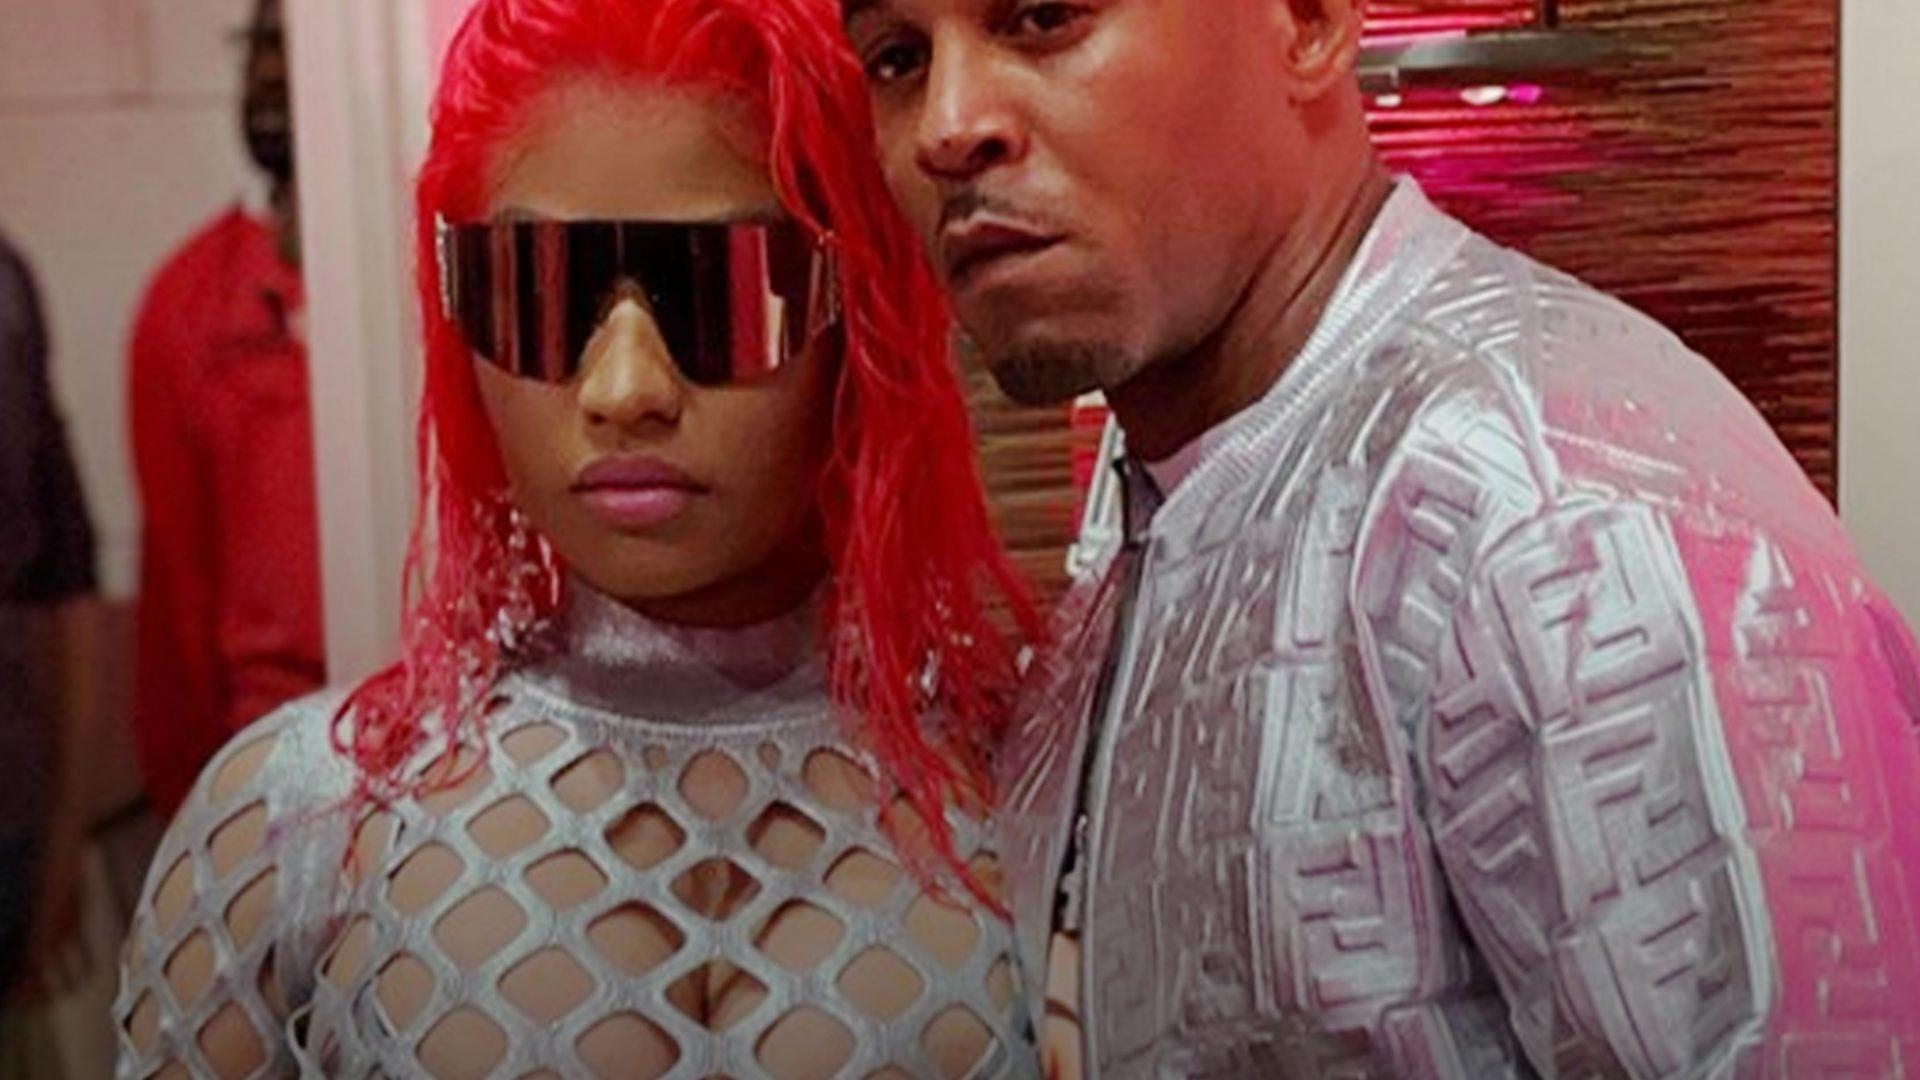 5 Nicki Minaj Songs To Add To Your Wedding Playlist